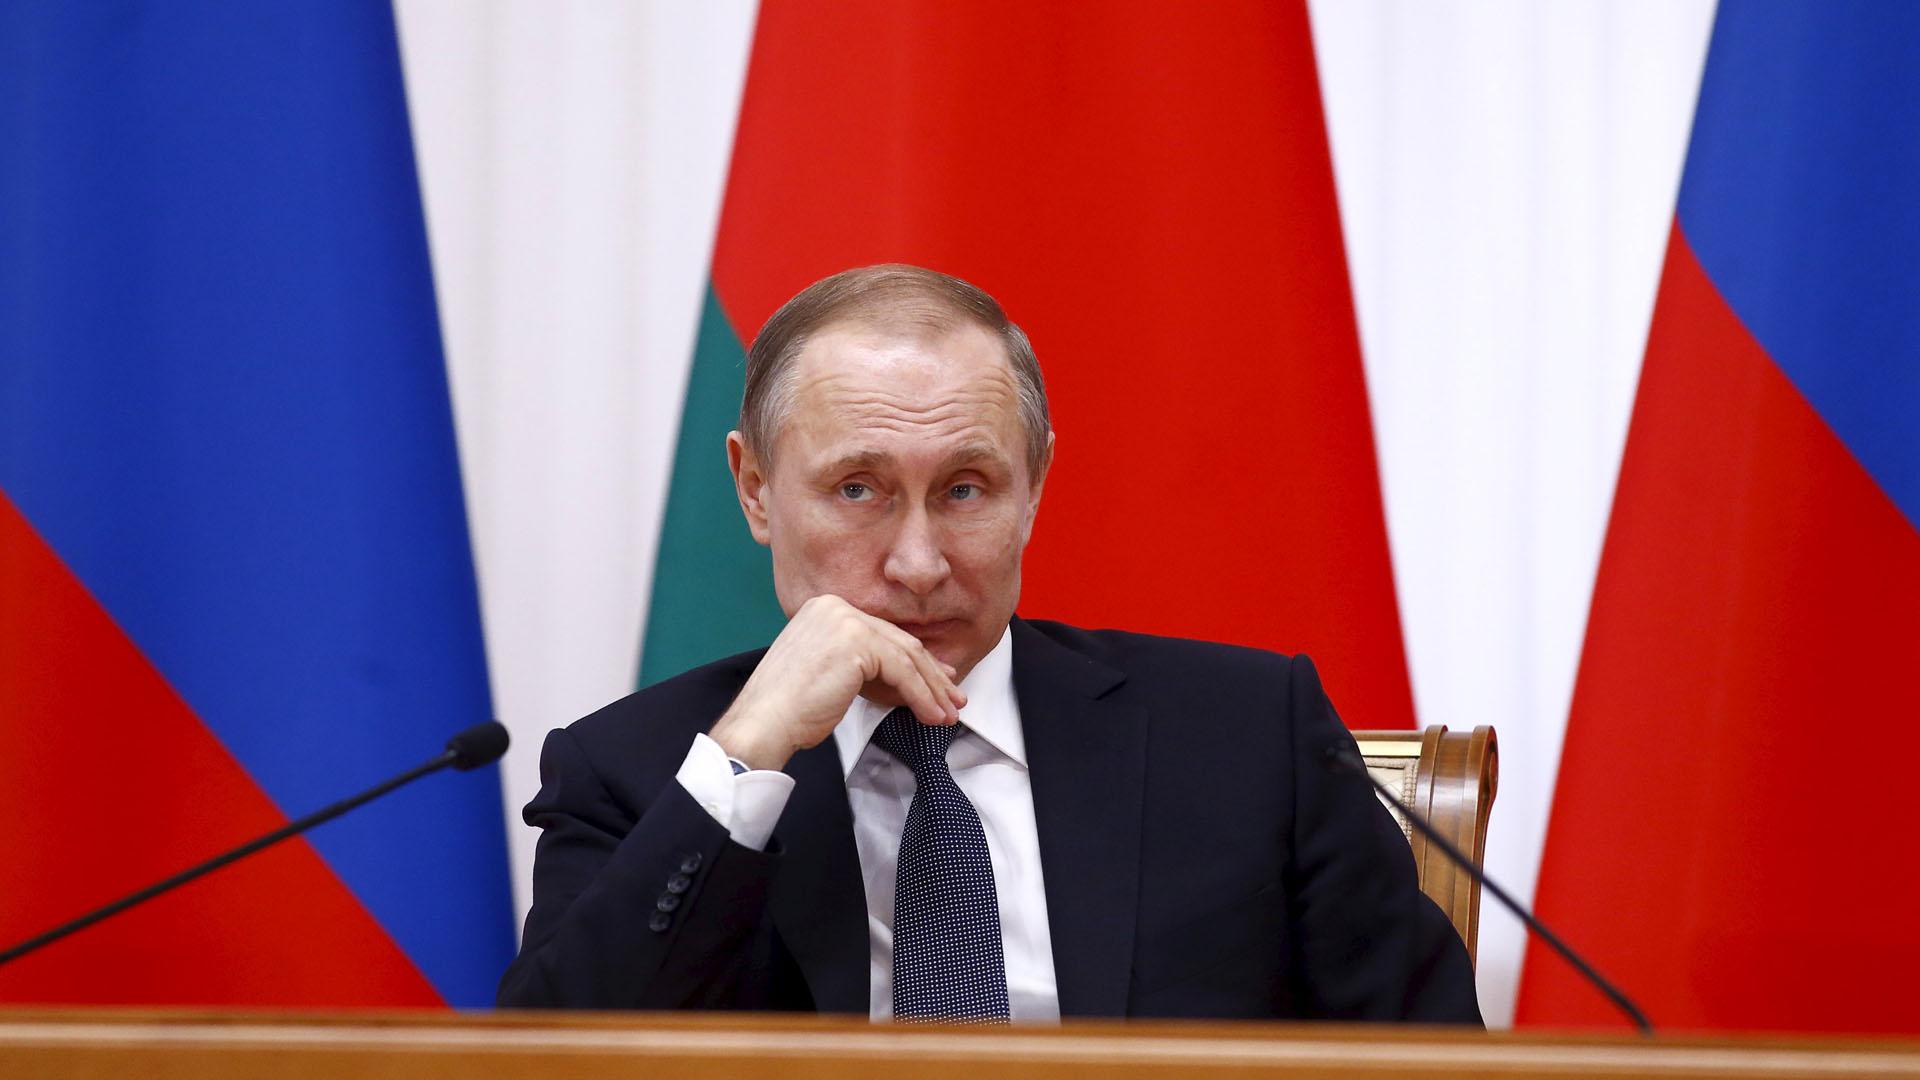 El presidente ruso aseguró que el combate contra todas las organizaciones terroristas será implacable